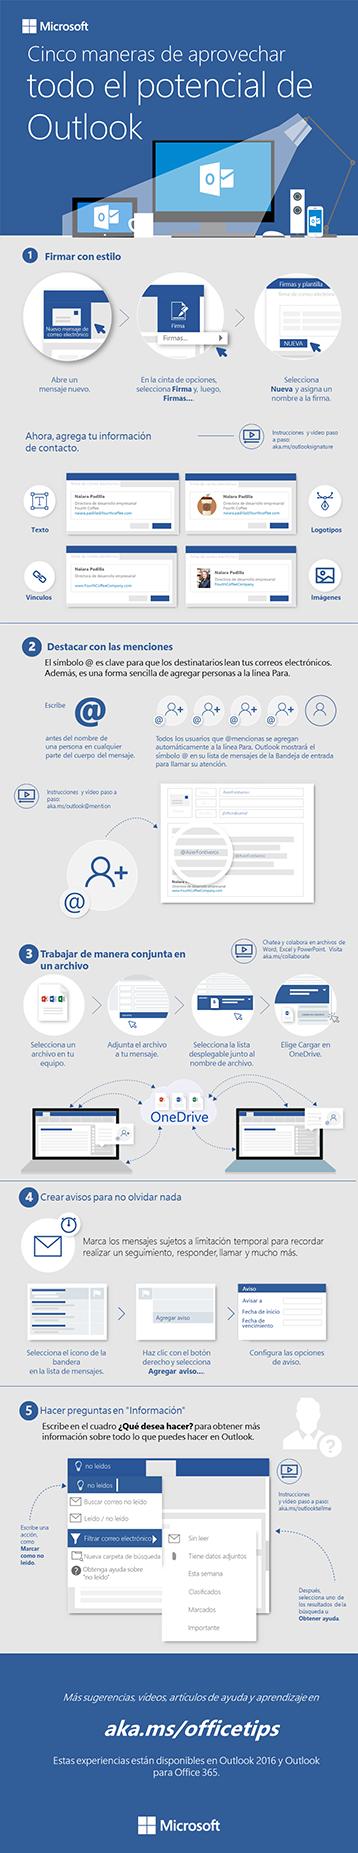 5 pasos para tener un correo electrónico más divertido en Outlook 2016